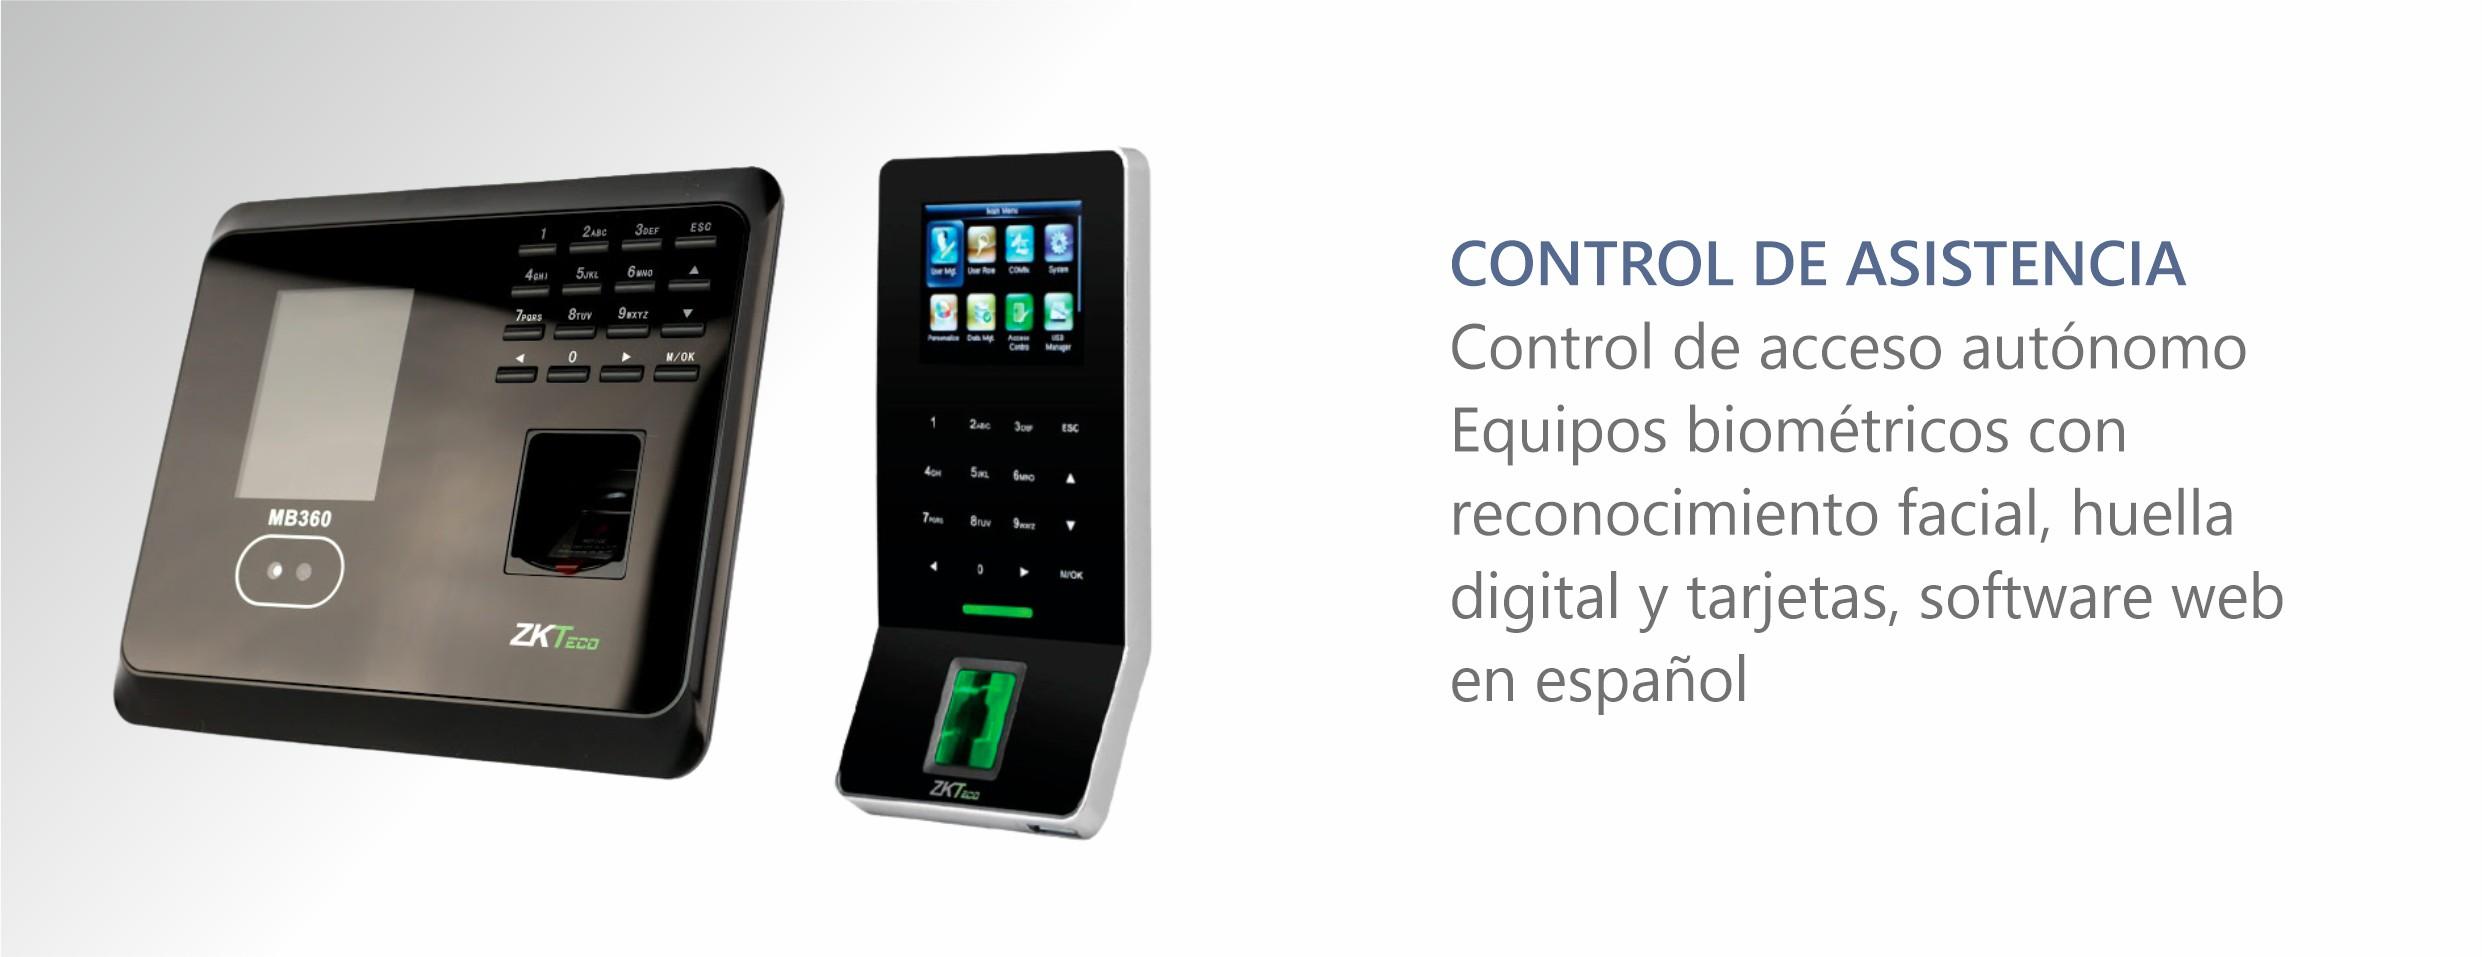 Biometricos autonomos